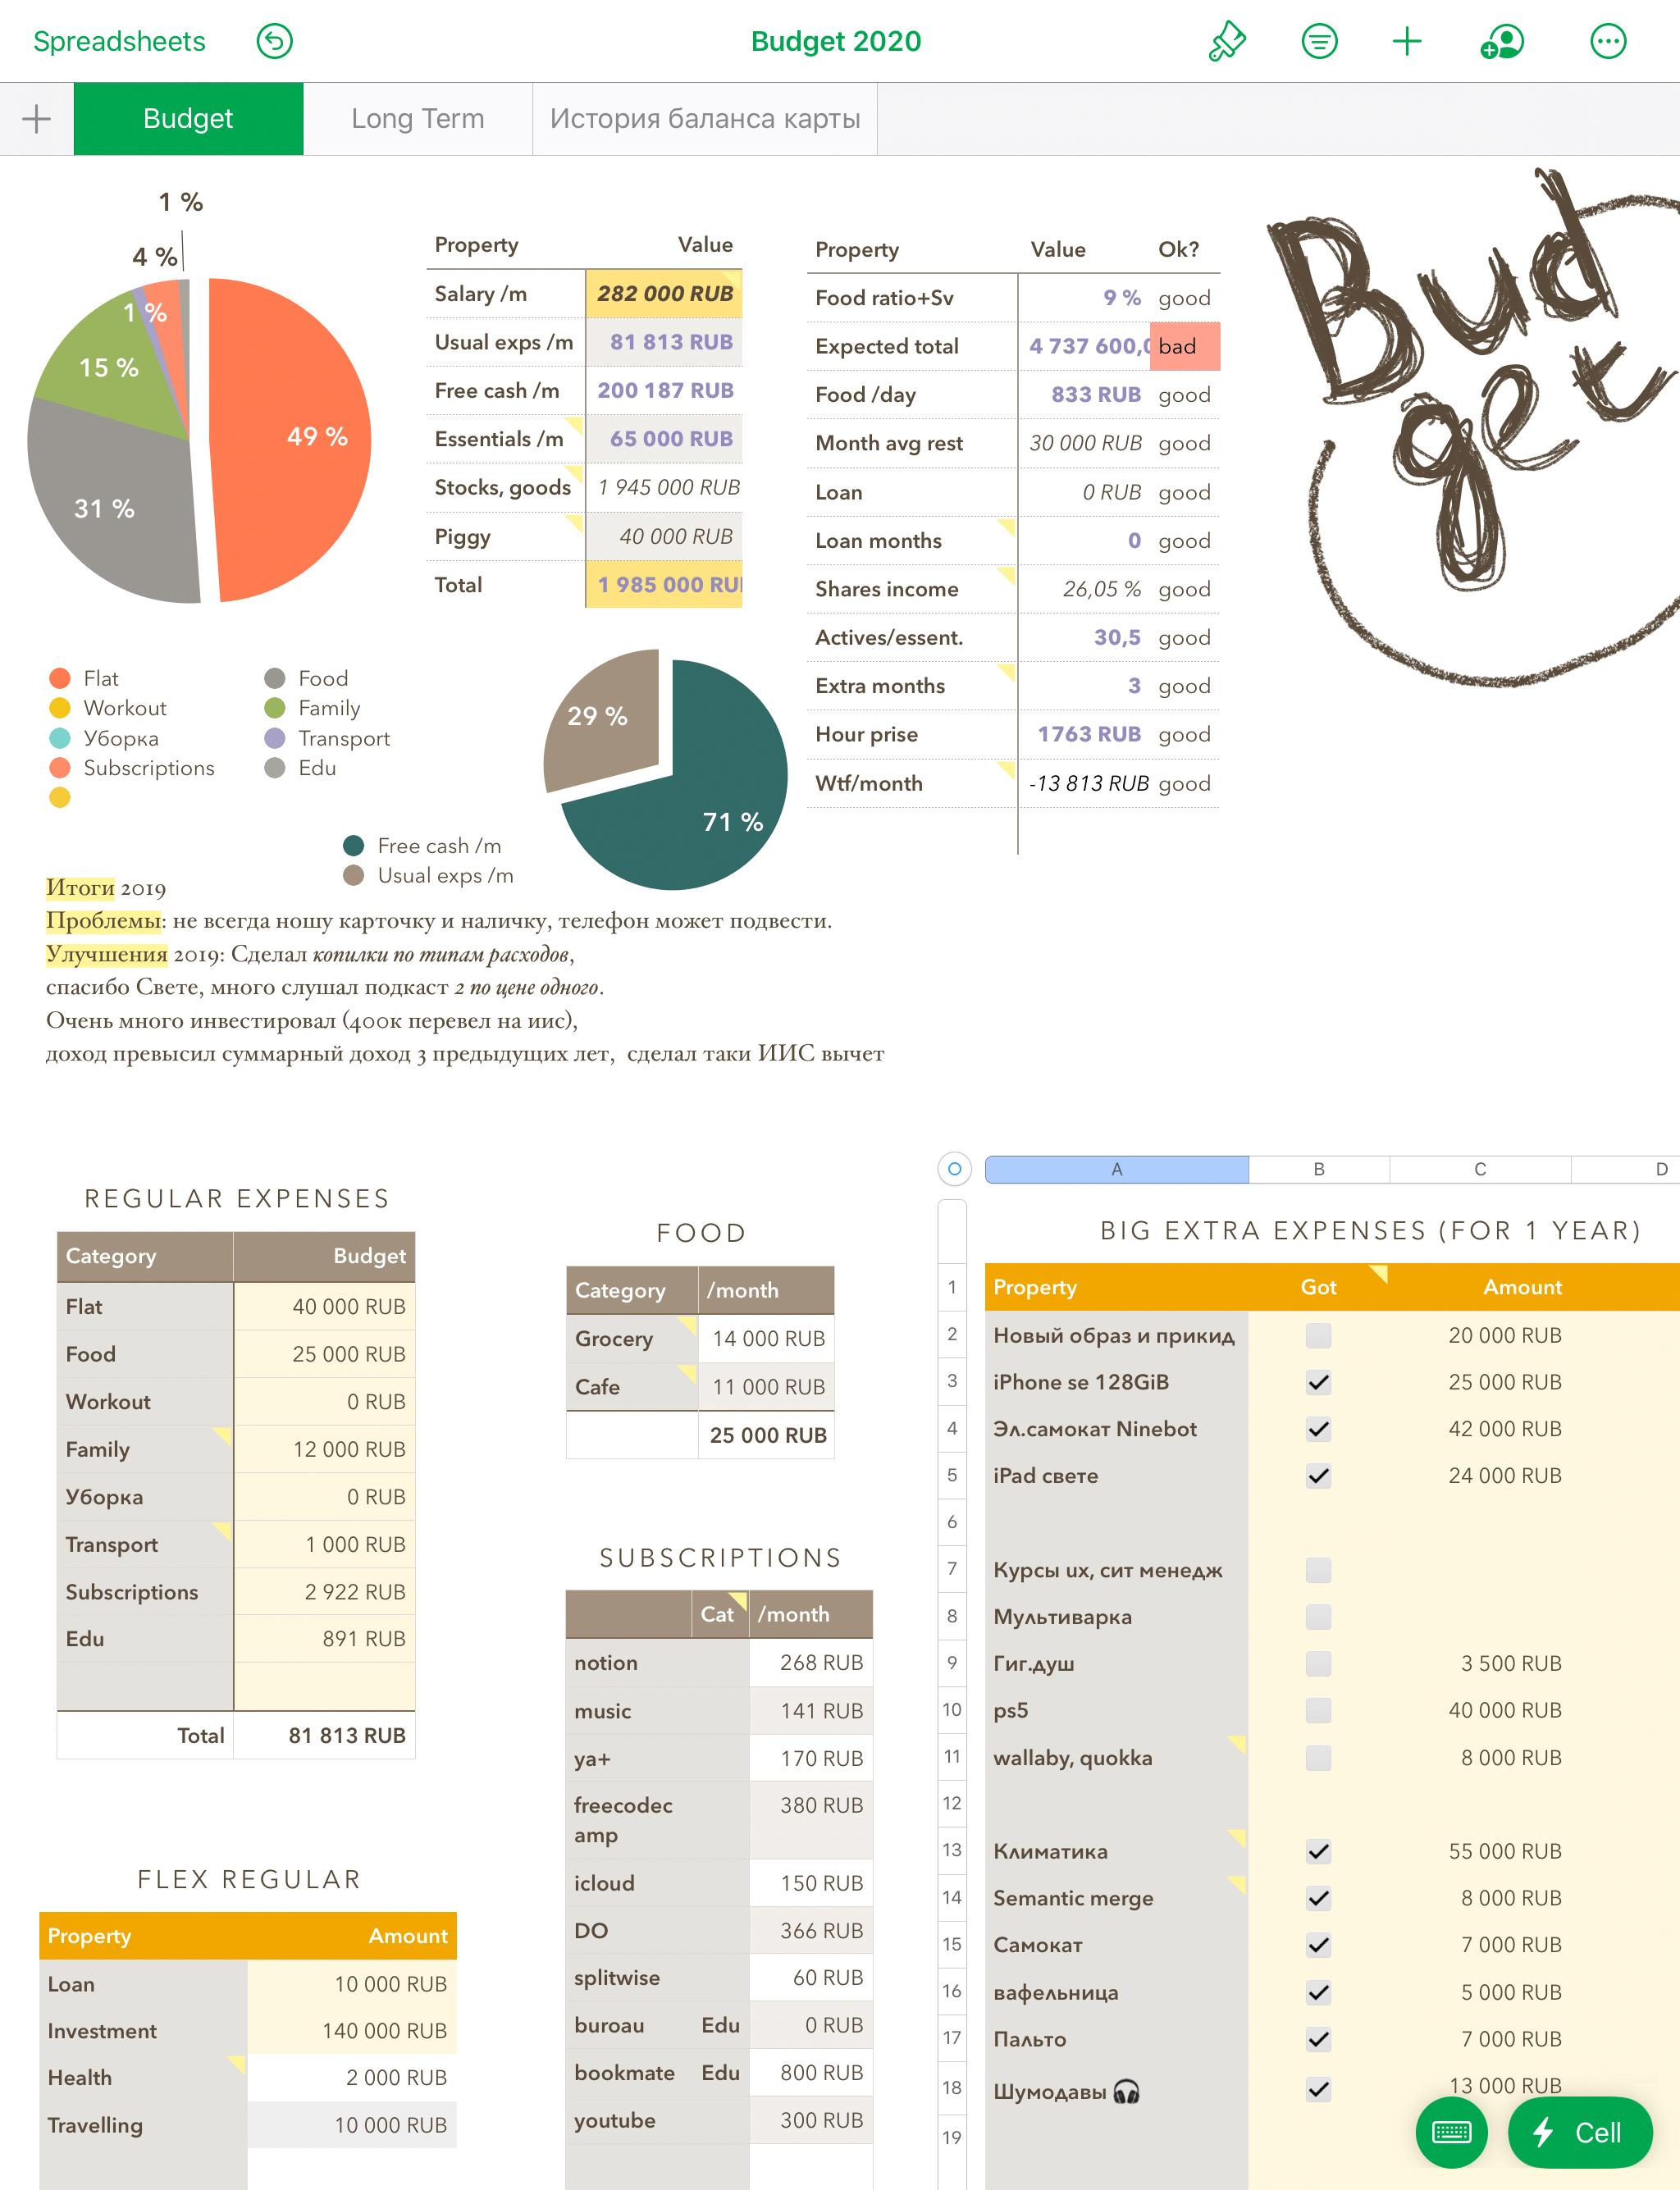 Бюджет на регулярные и разовые крупные покупки у меня сделан в виде таблицы в Numbers, он симпатичнее и удобнее всяких там экселей и гуглов